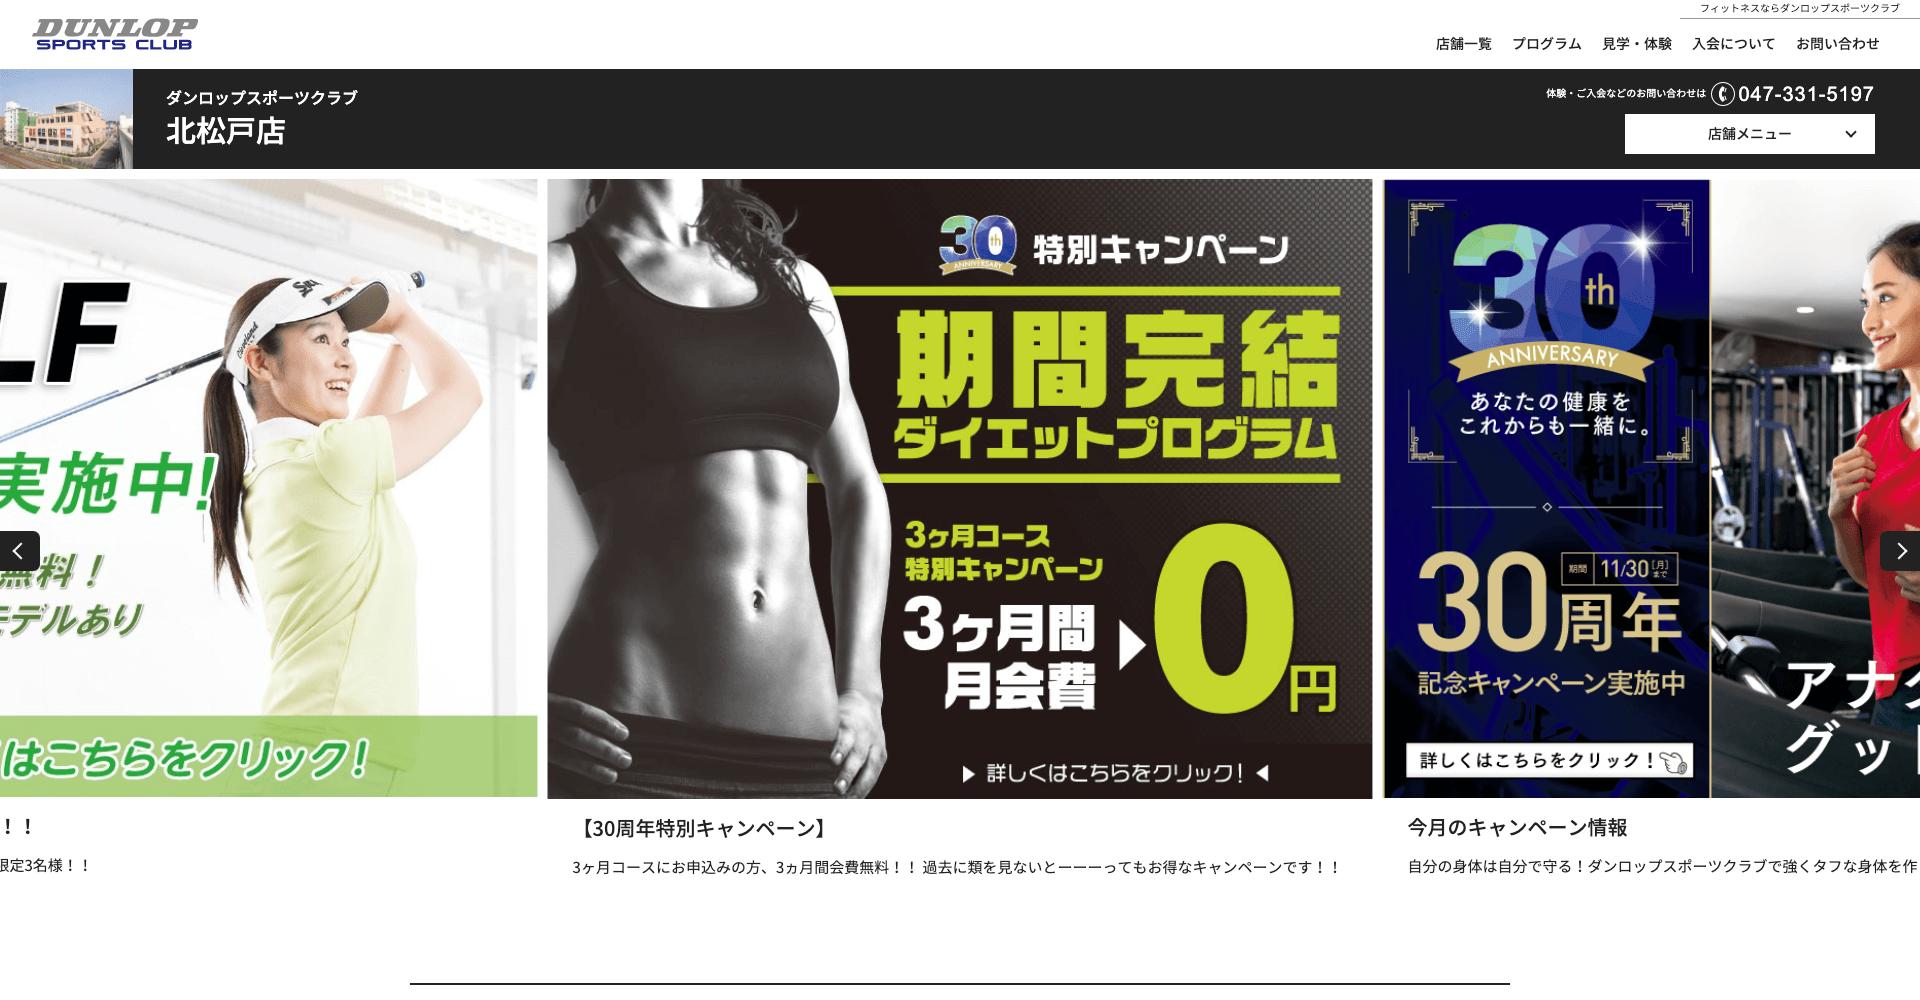 ダンロップスポーツクラブ北松戸